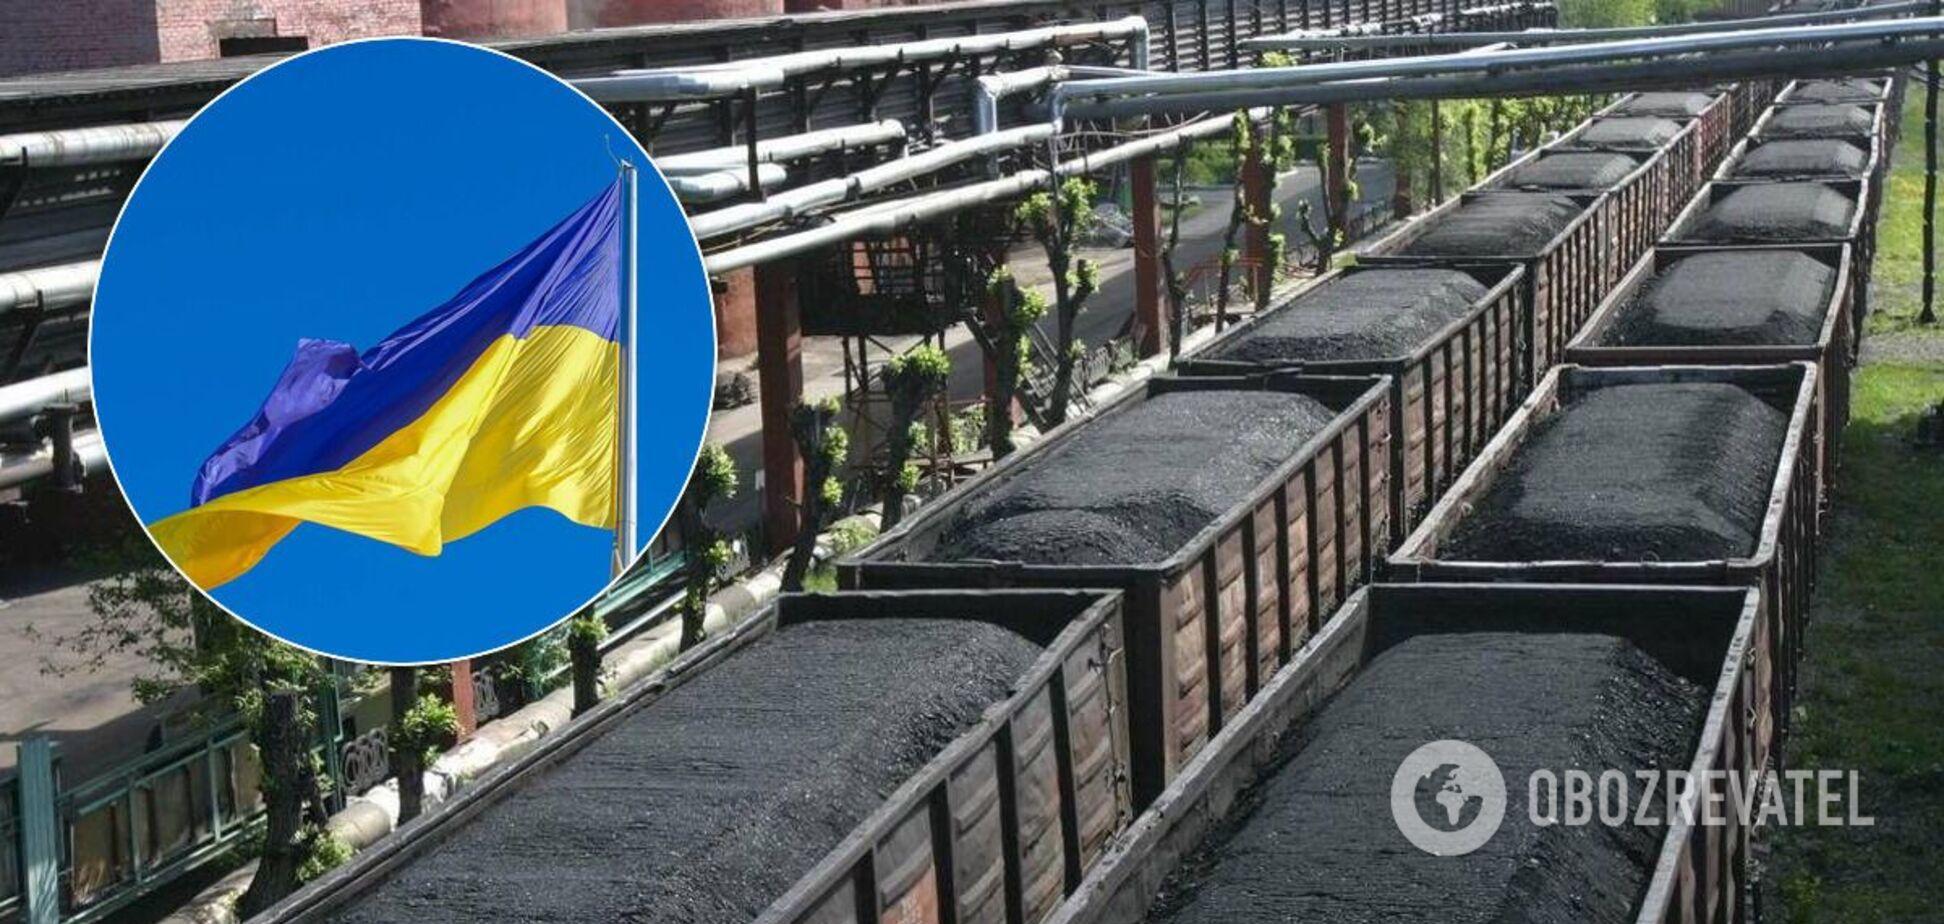 Запасів вугілля на складах ТЕС значно менше норми